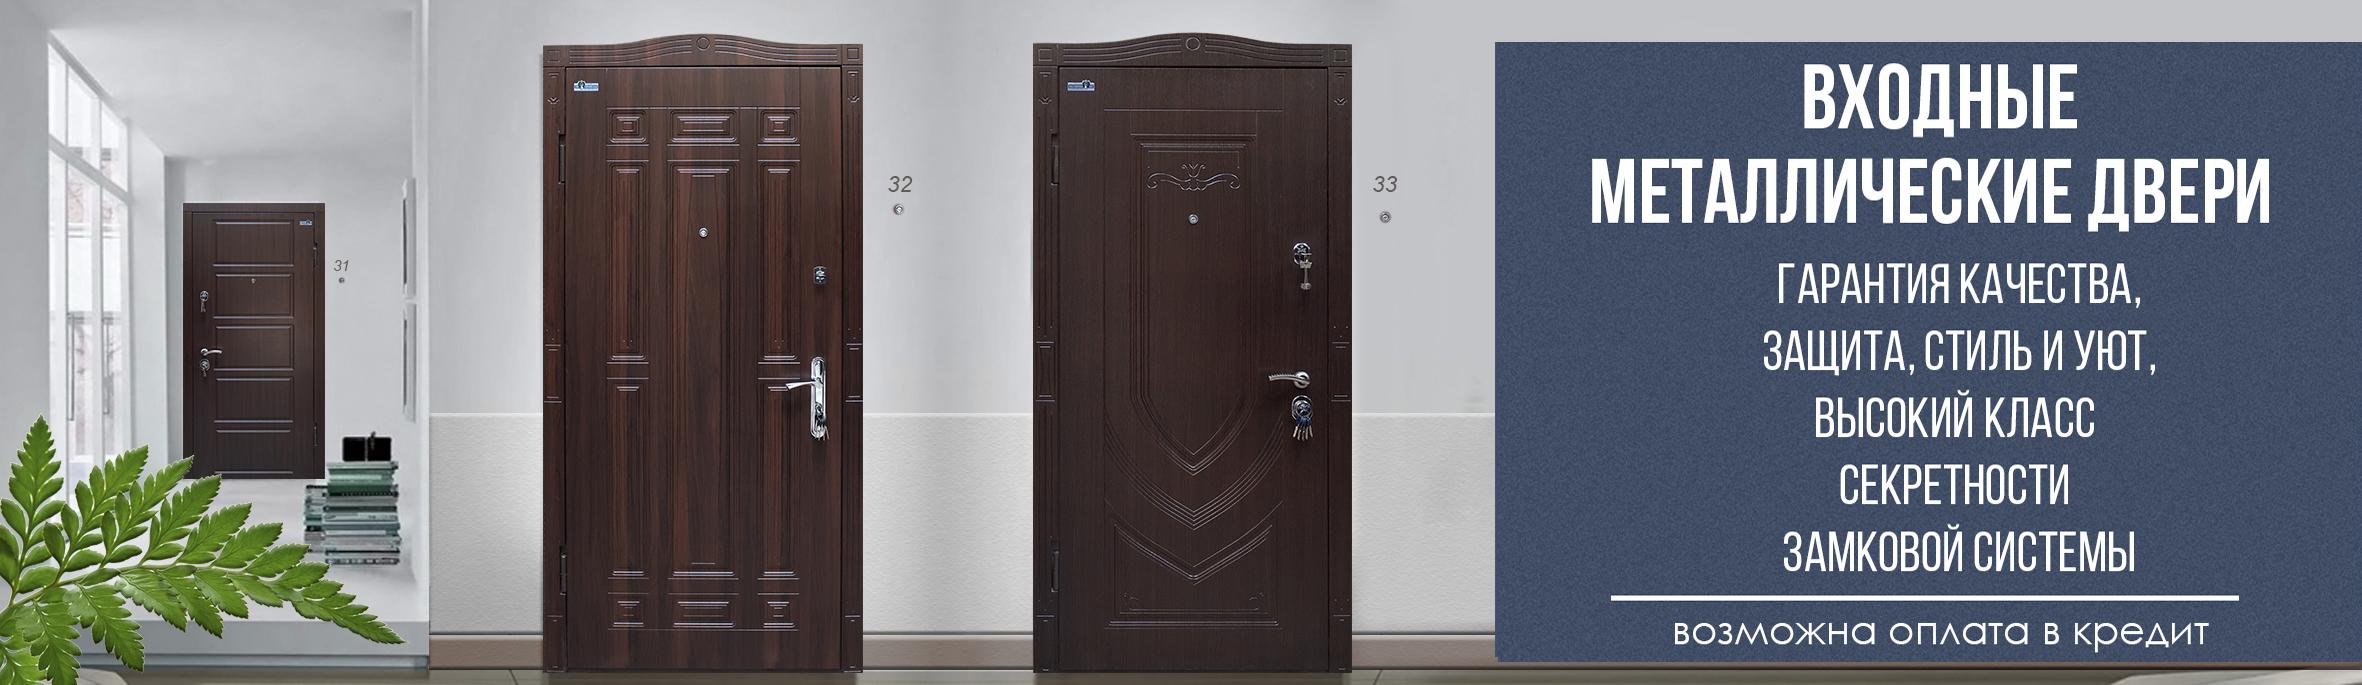 куплю двери входные бронированые